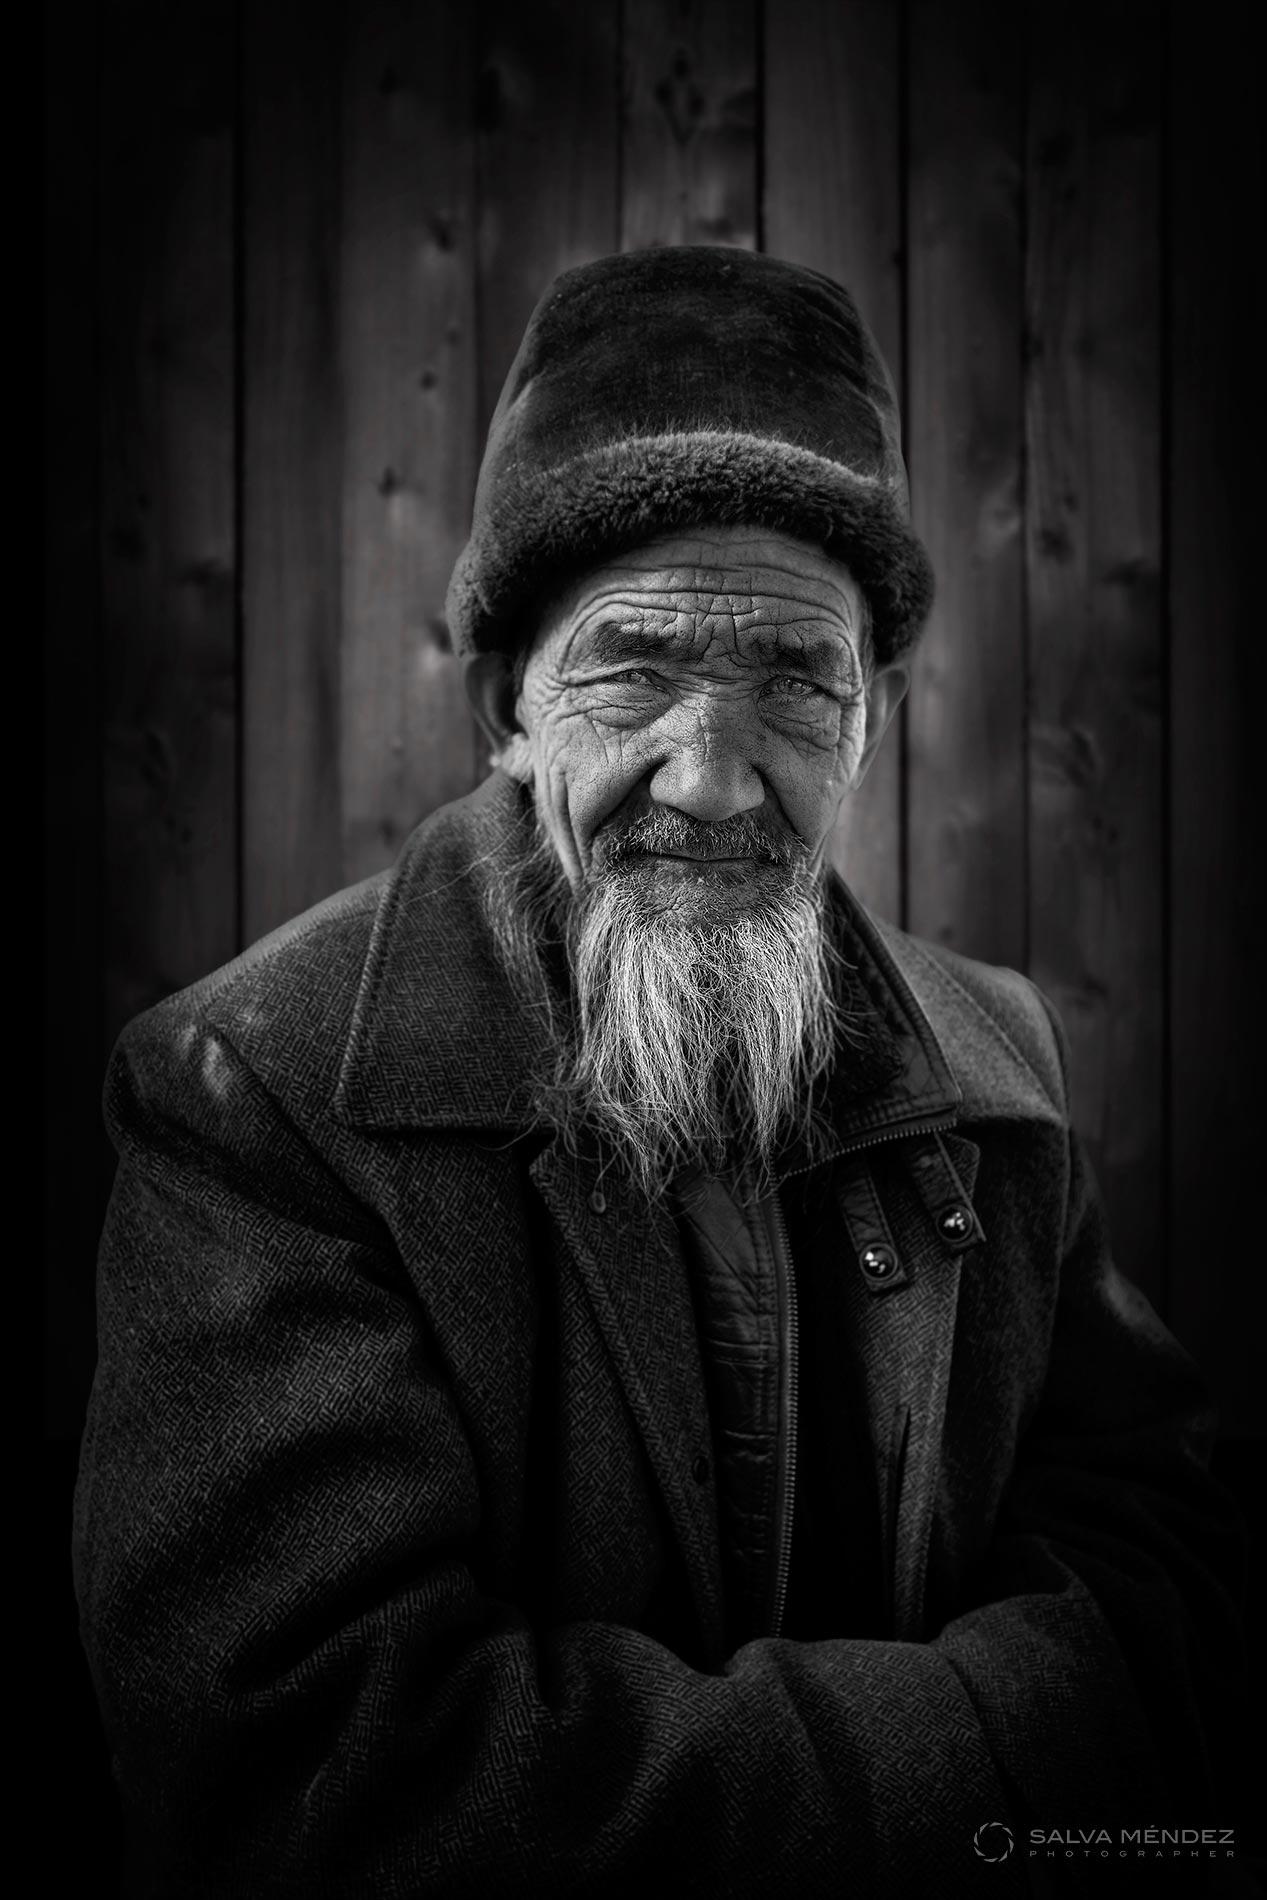 Urumqi, Xinjiang, China